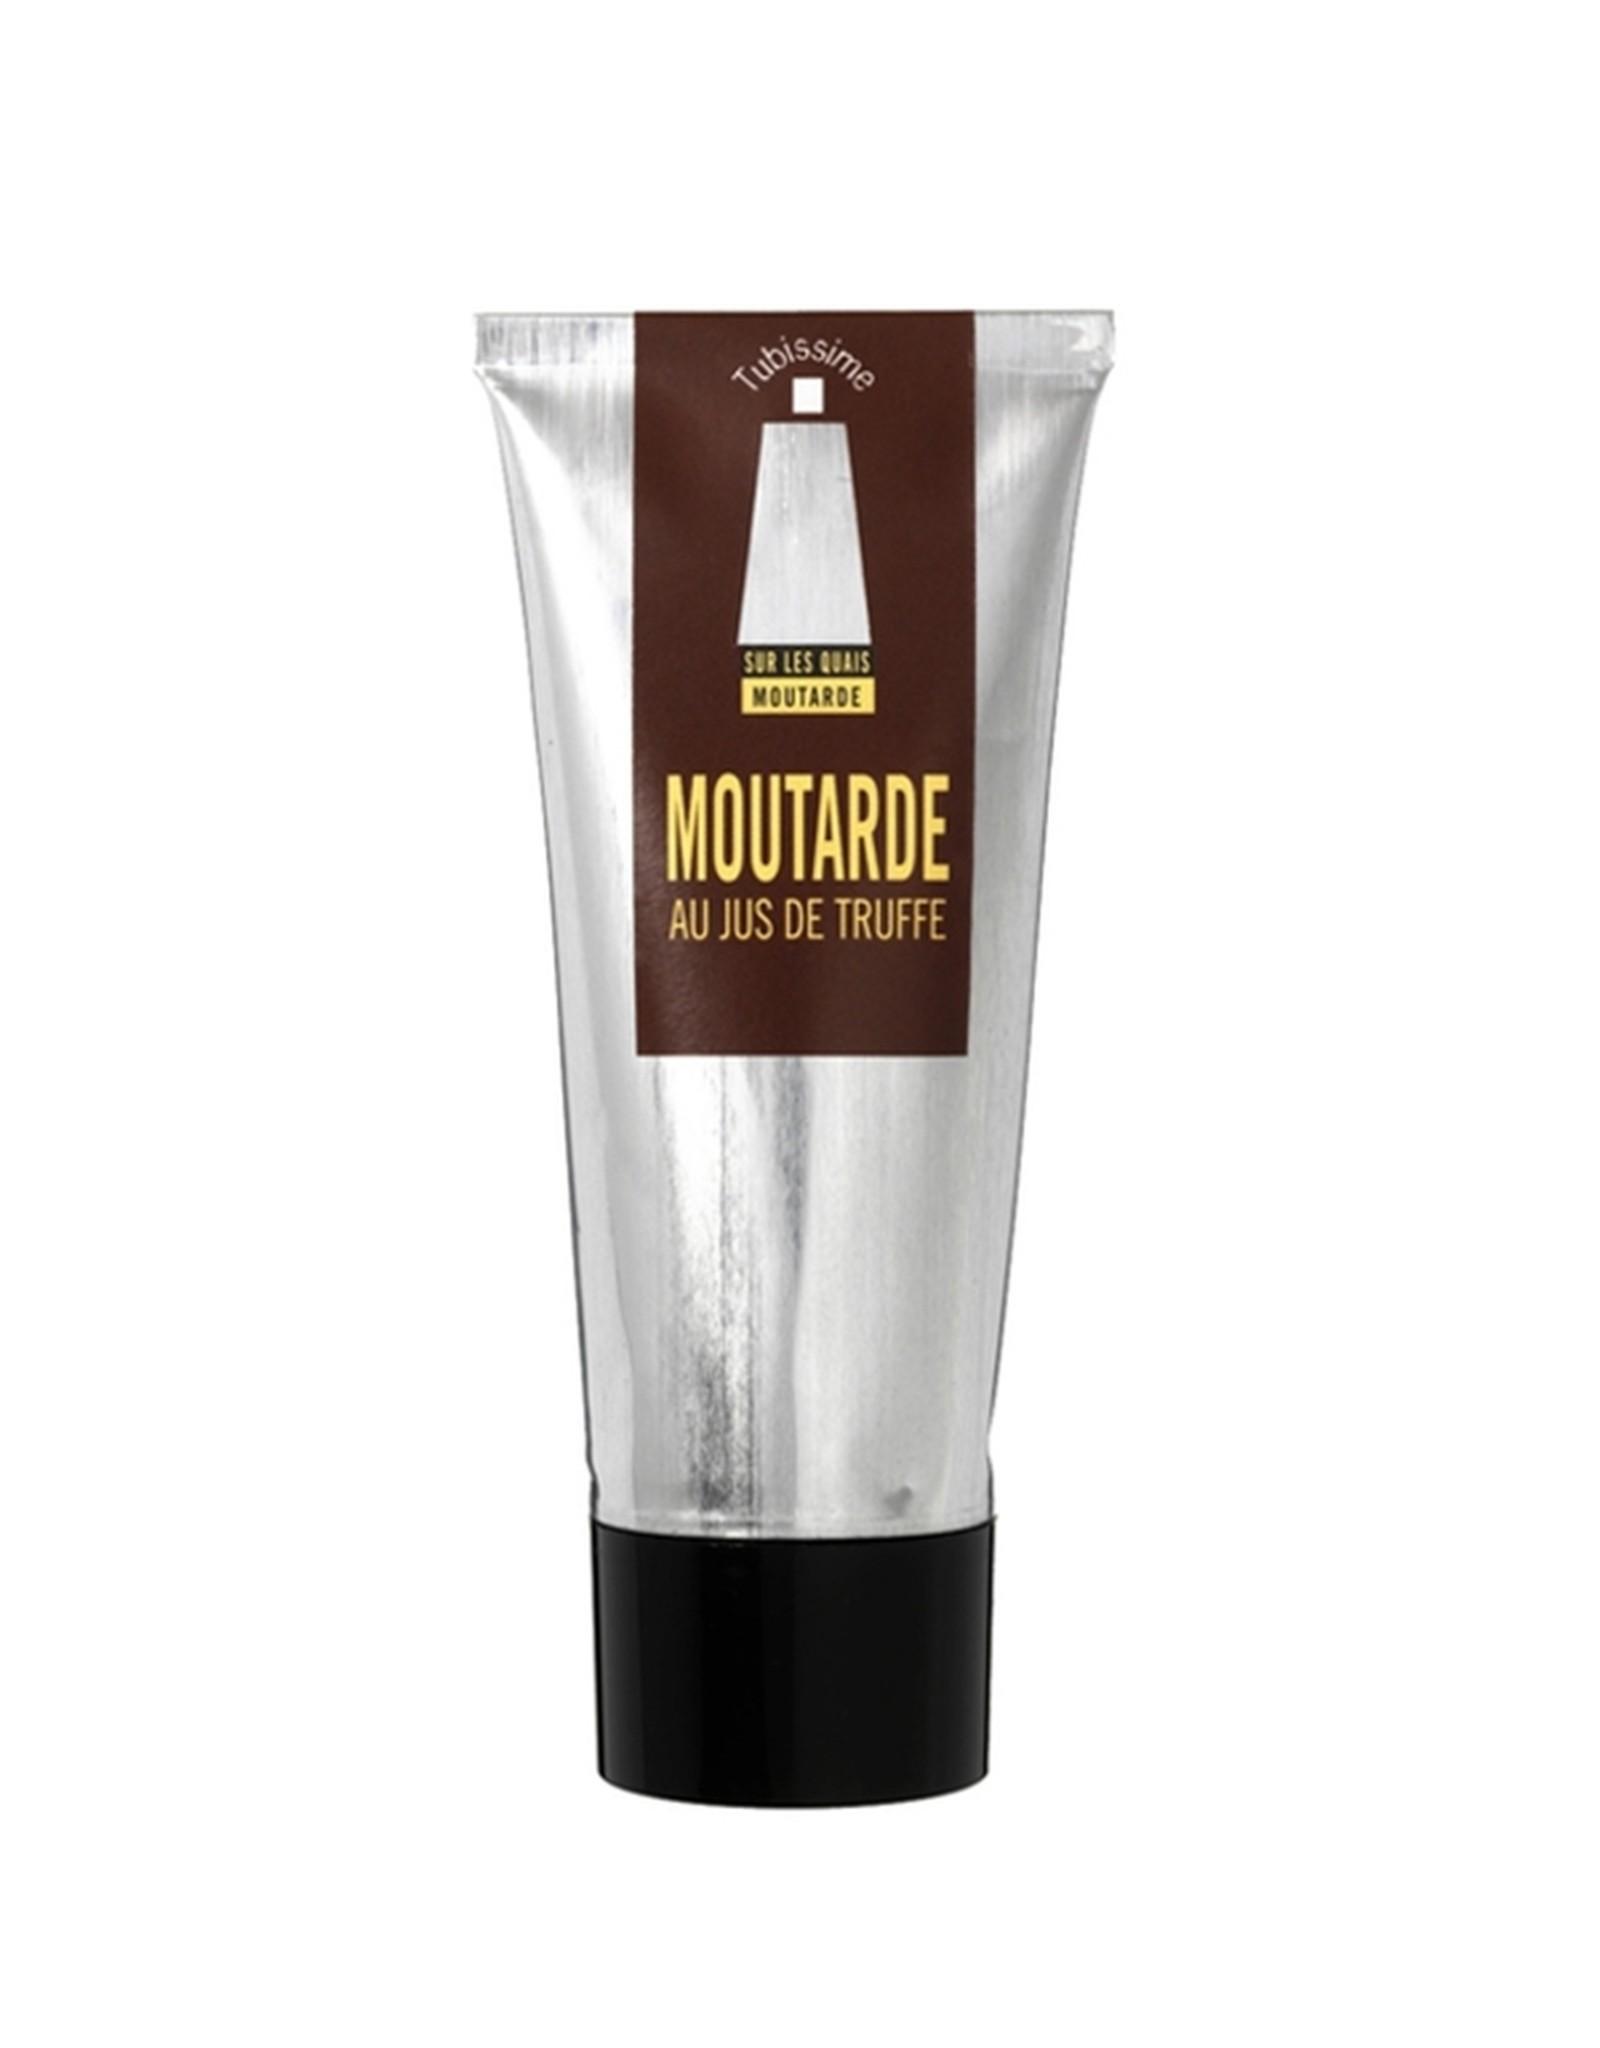 Sur les Quais Sur les Quais Mustard with Truffles